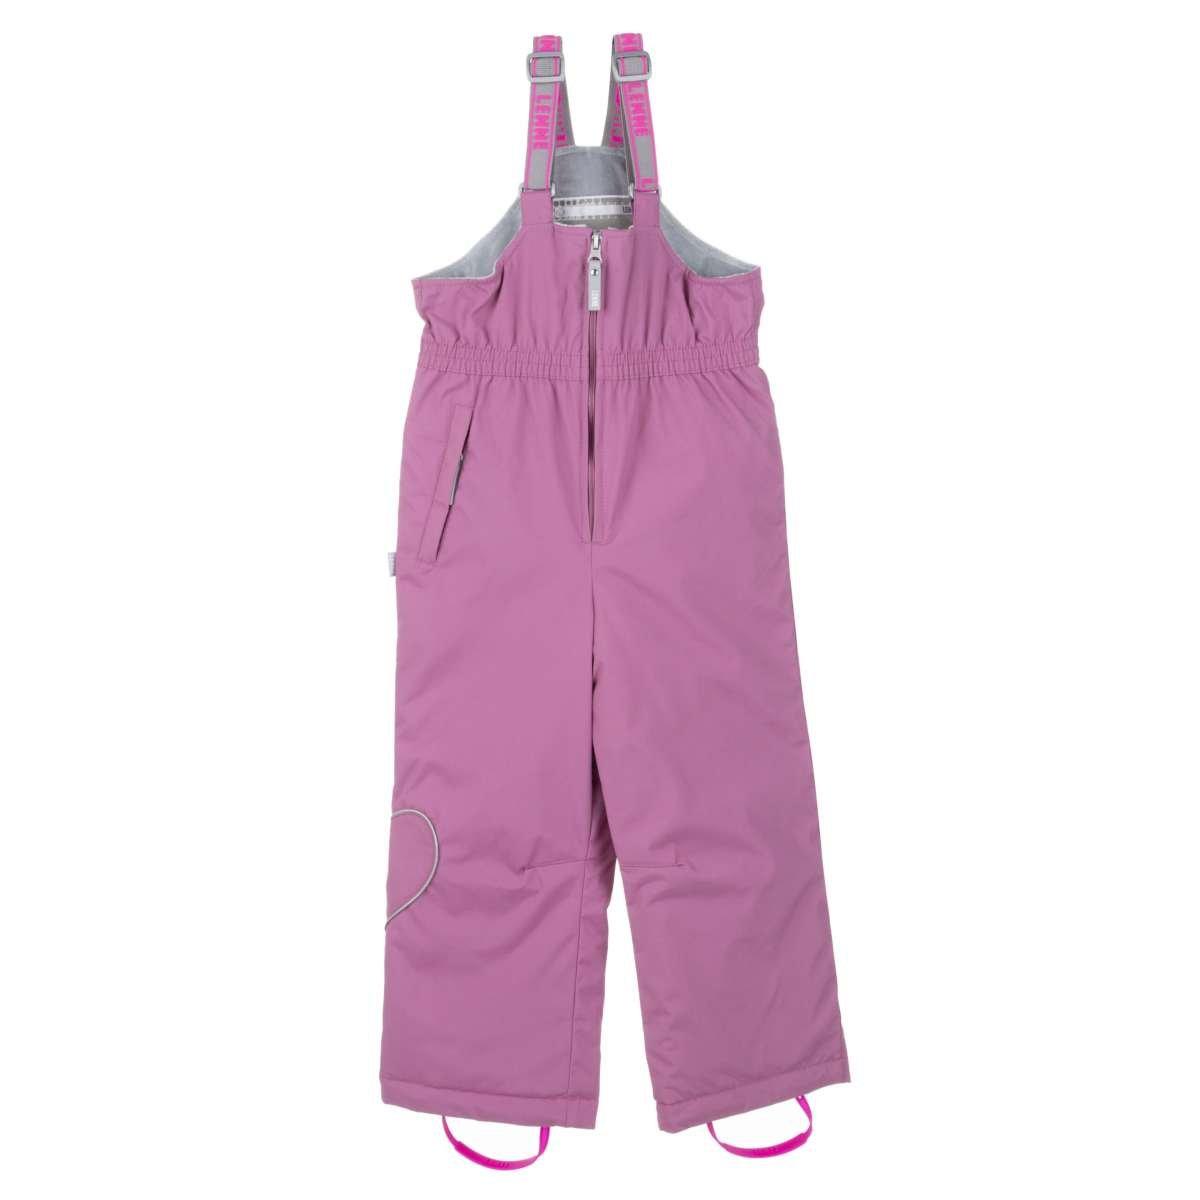 Lenne '21 Heily Bērnu ziemas termo bikses ar paaugstinātu vidukli